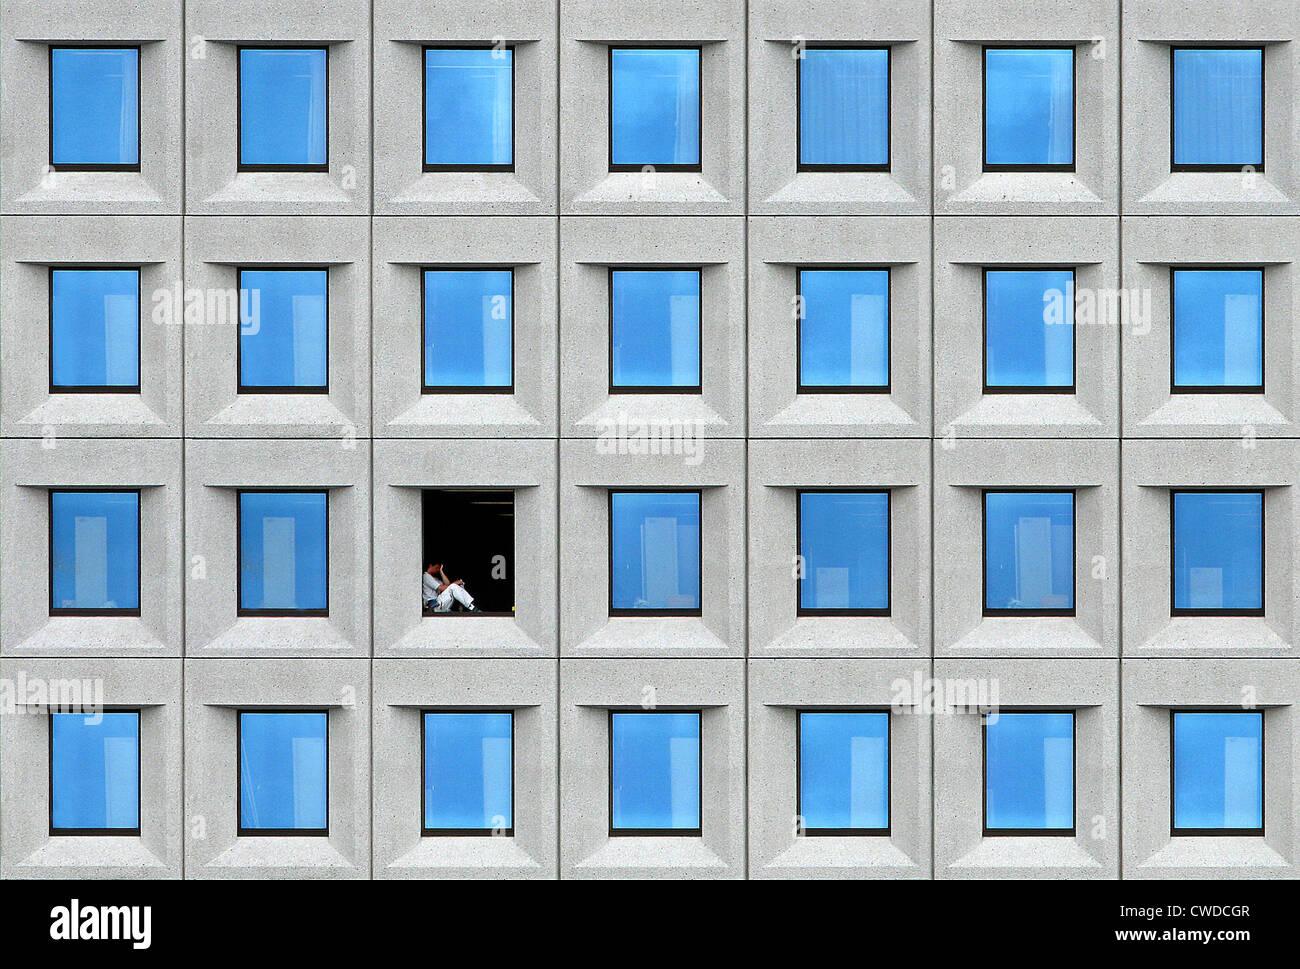 Architecture,soledad,soledad,relajación,recreación,ventana,almuerzo Imagen De Stock